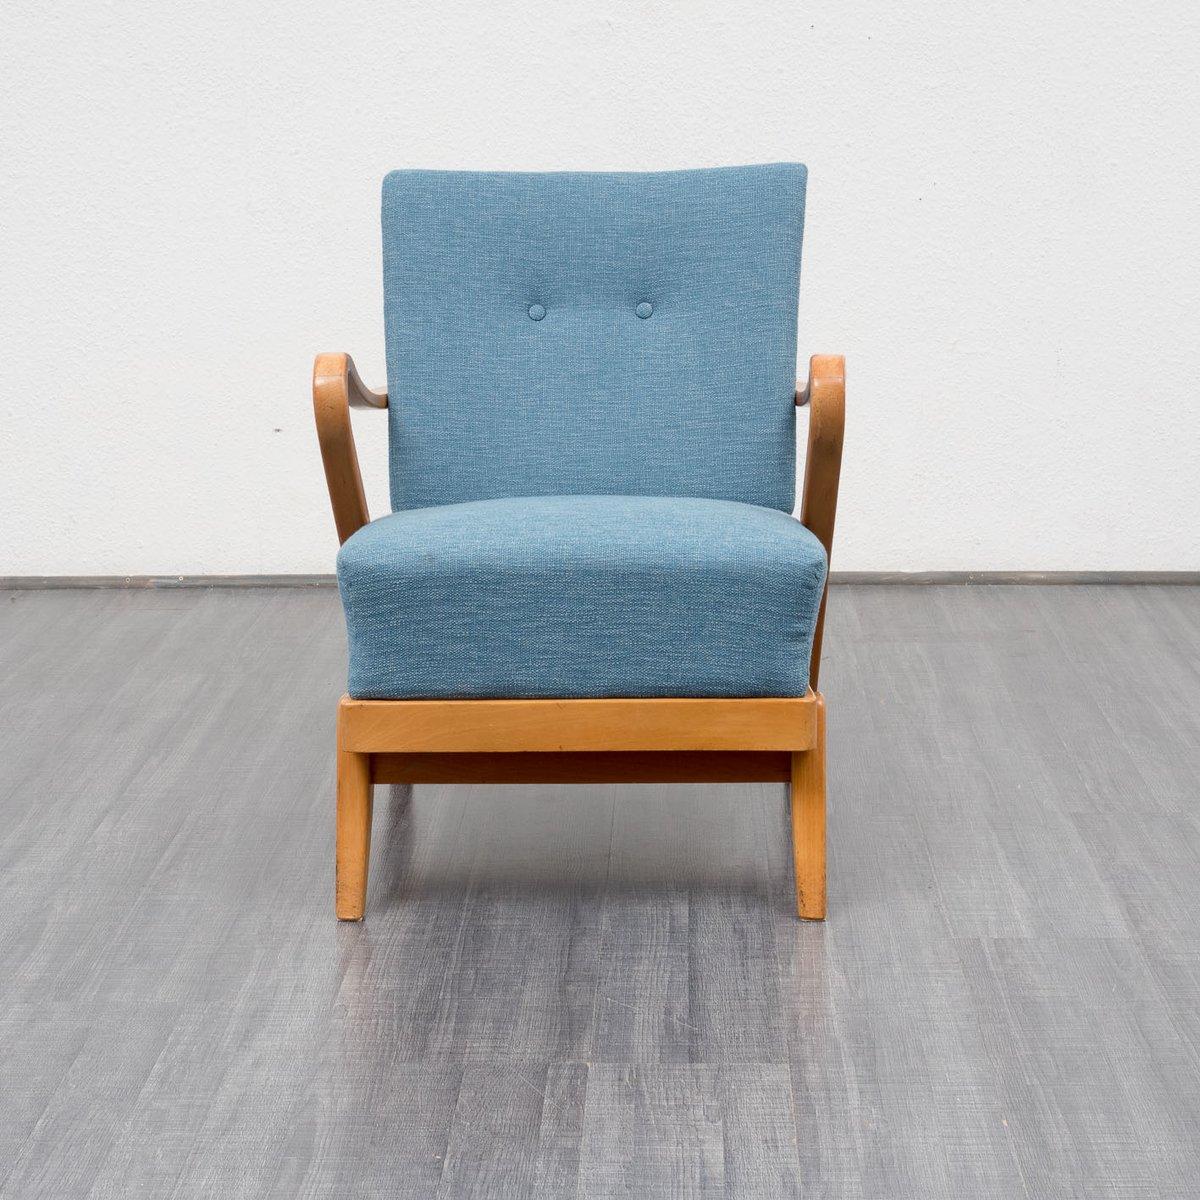 Mid century sessel aus buche 1950er bei pamono kaufen - Sessel mid century ...